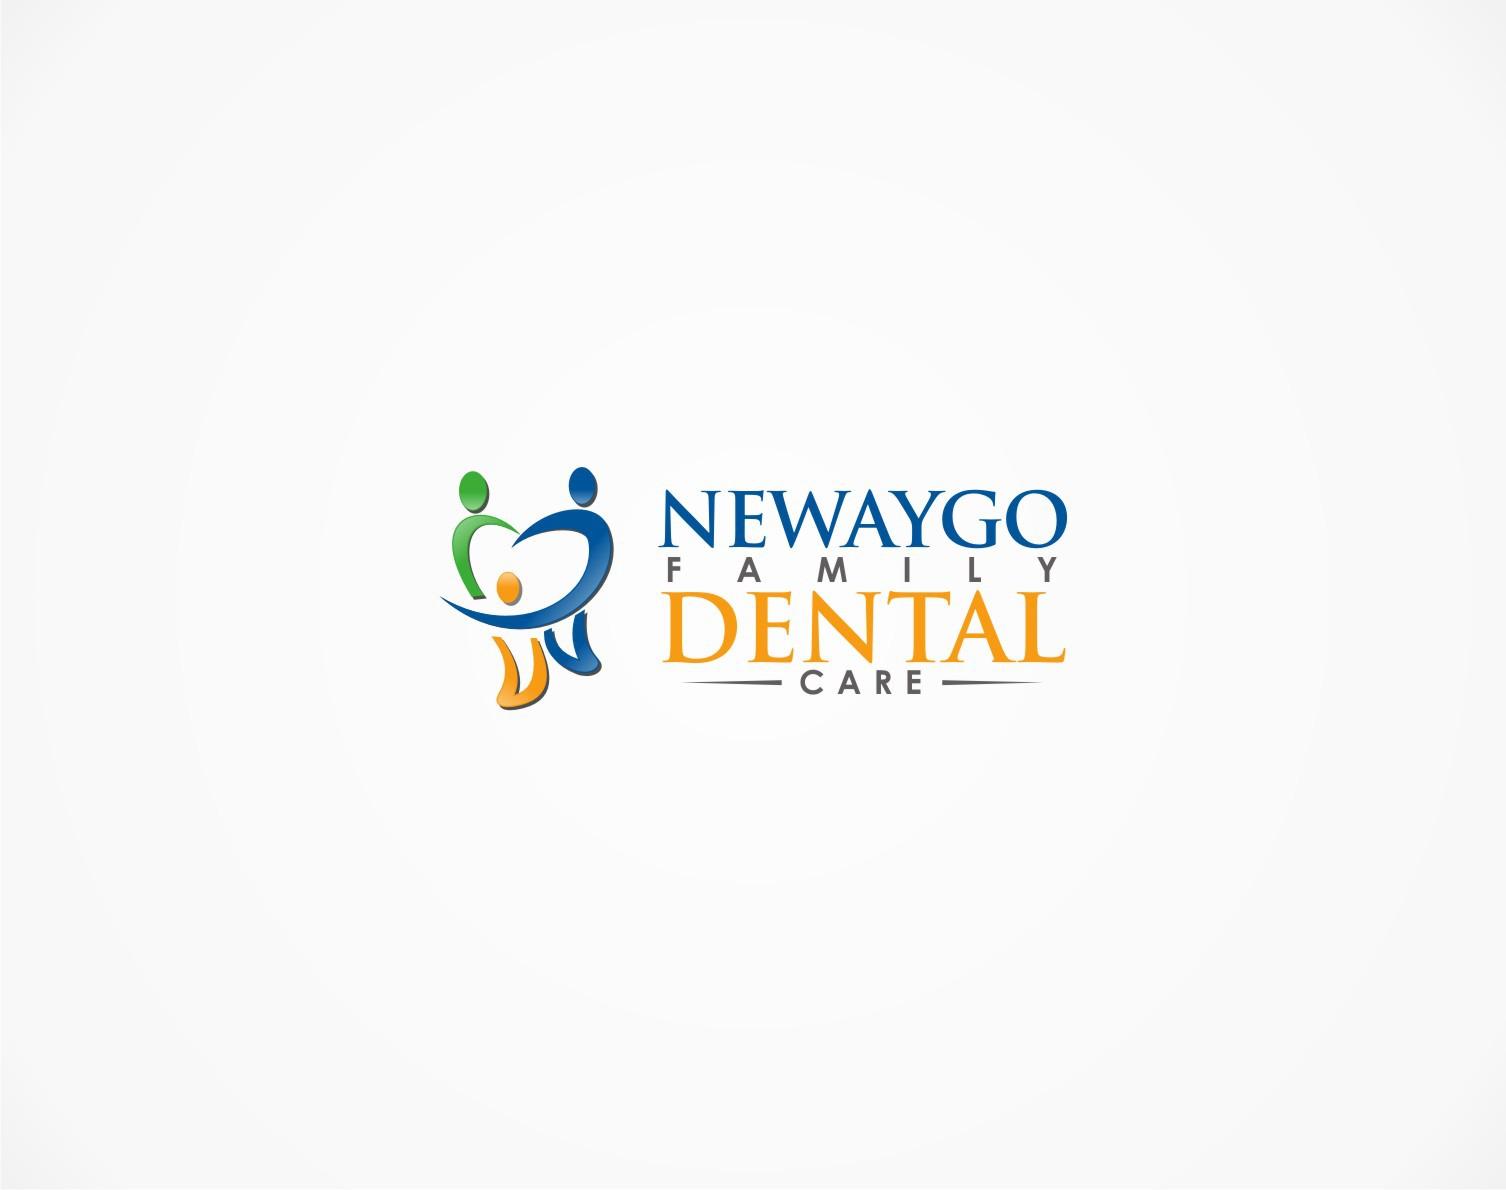 Newaygo Family Dental Care needs a new logo